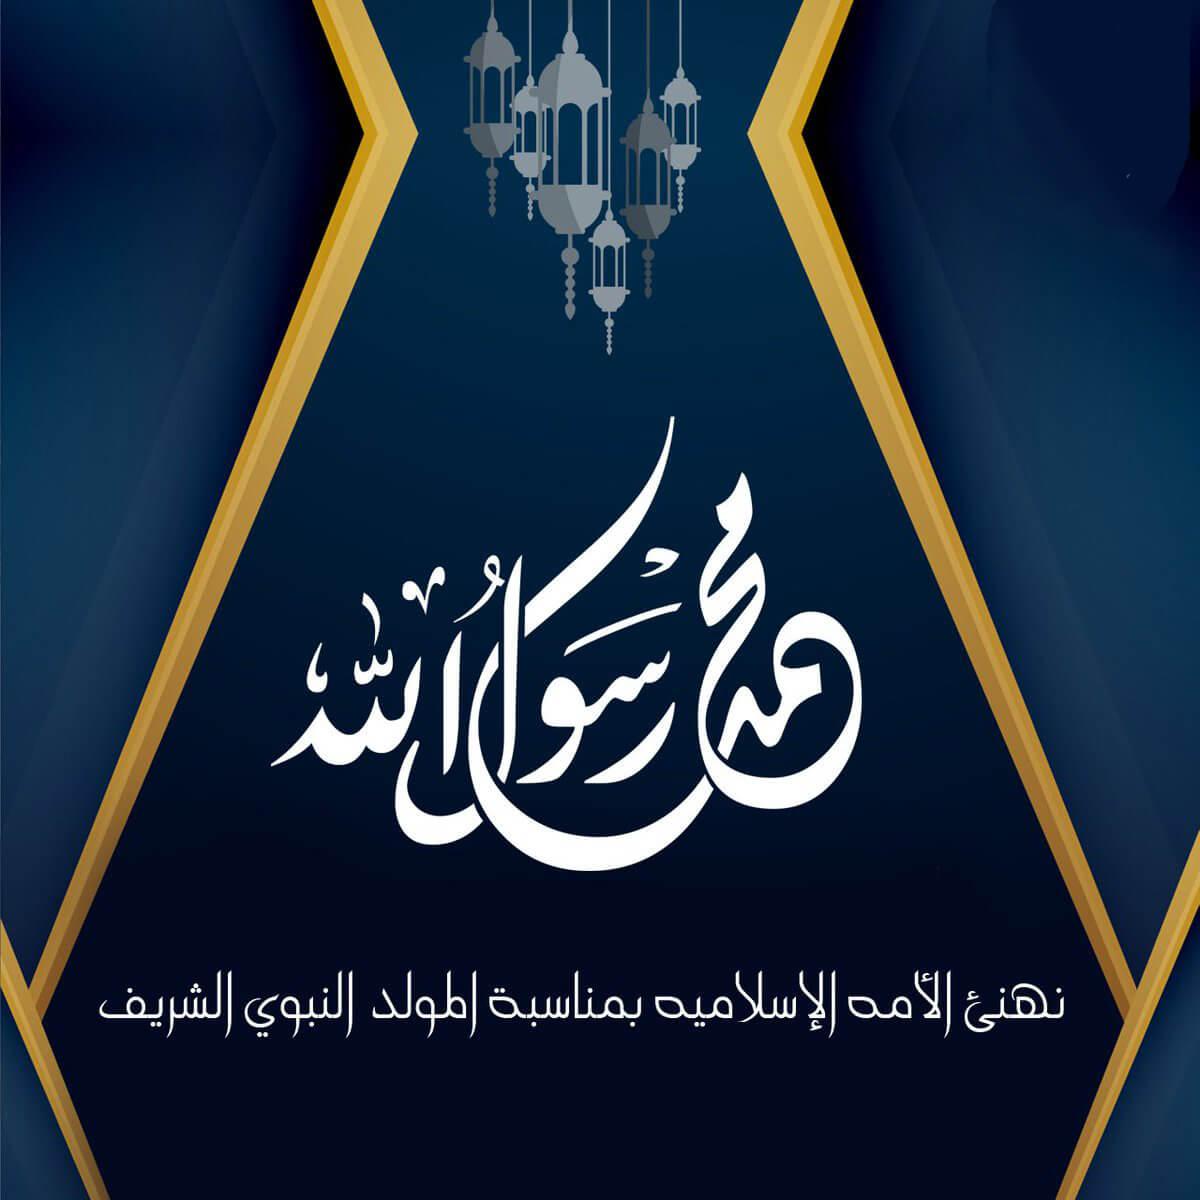 صورة تهنئة المولد النبوي , كيف نحتفل بميلاد النبي